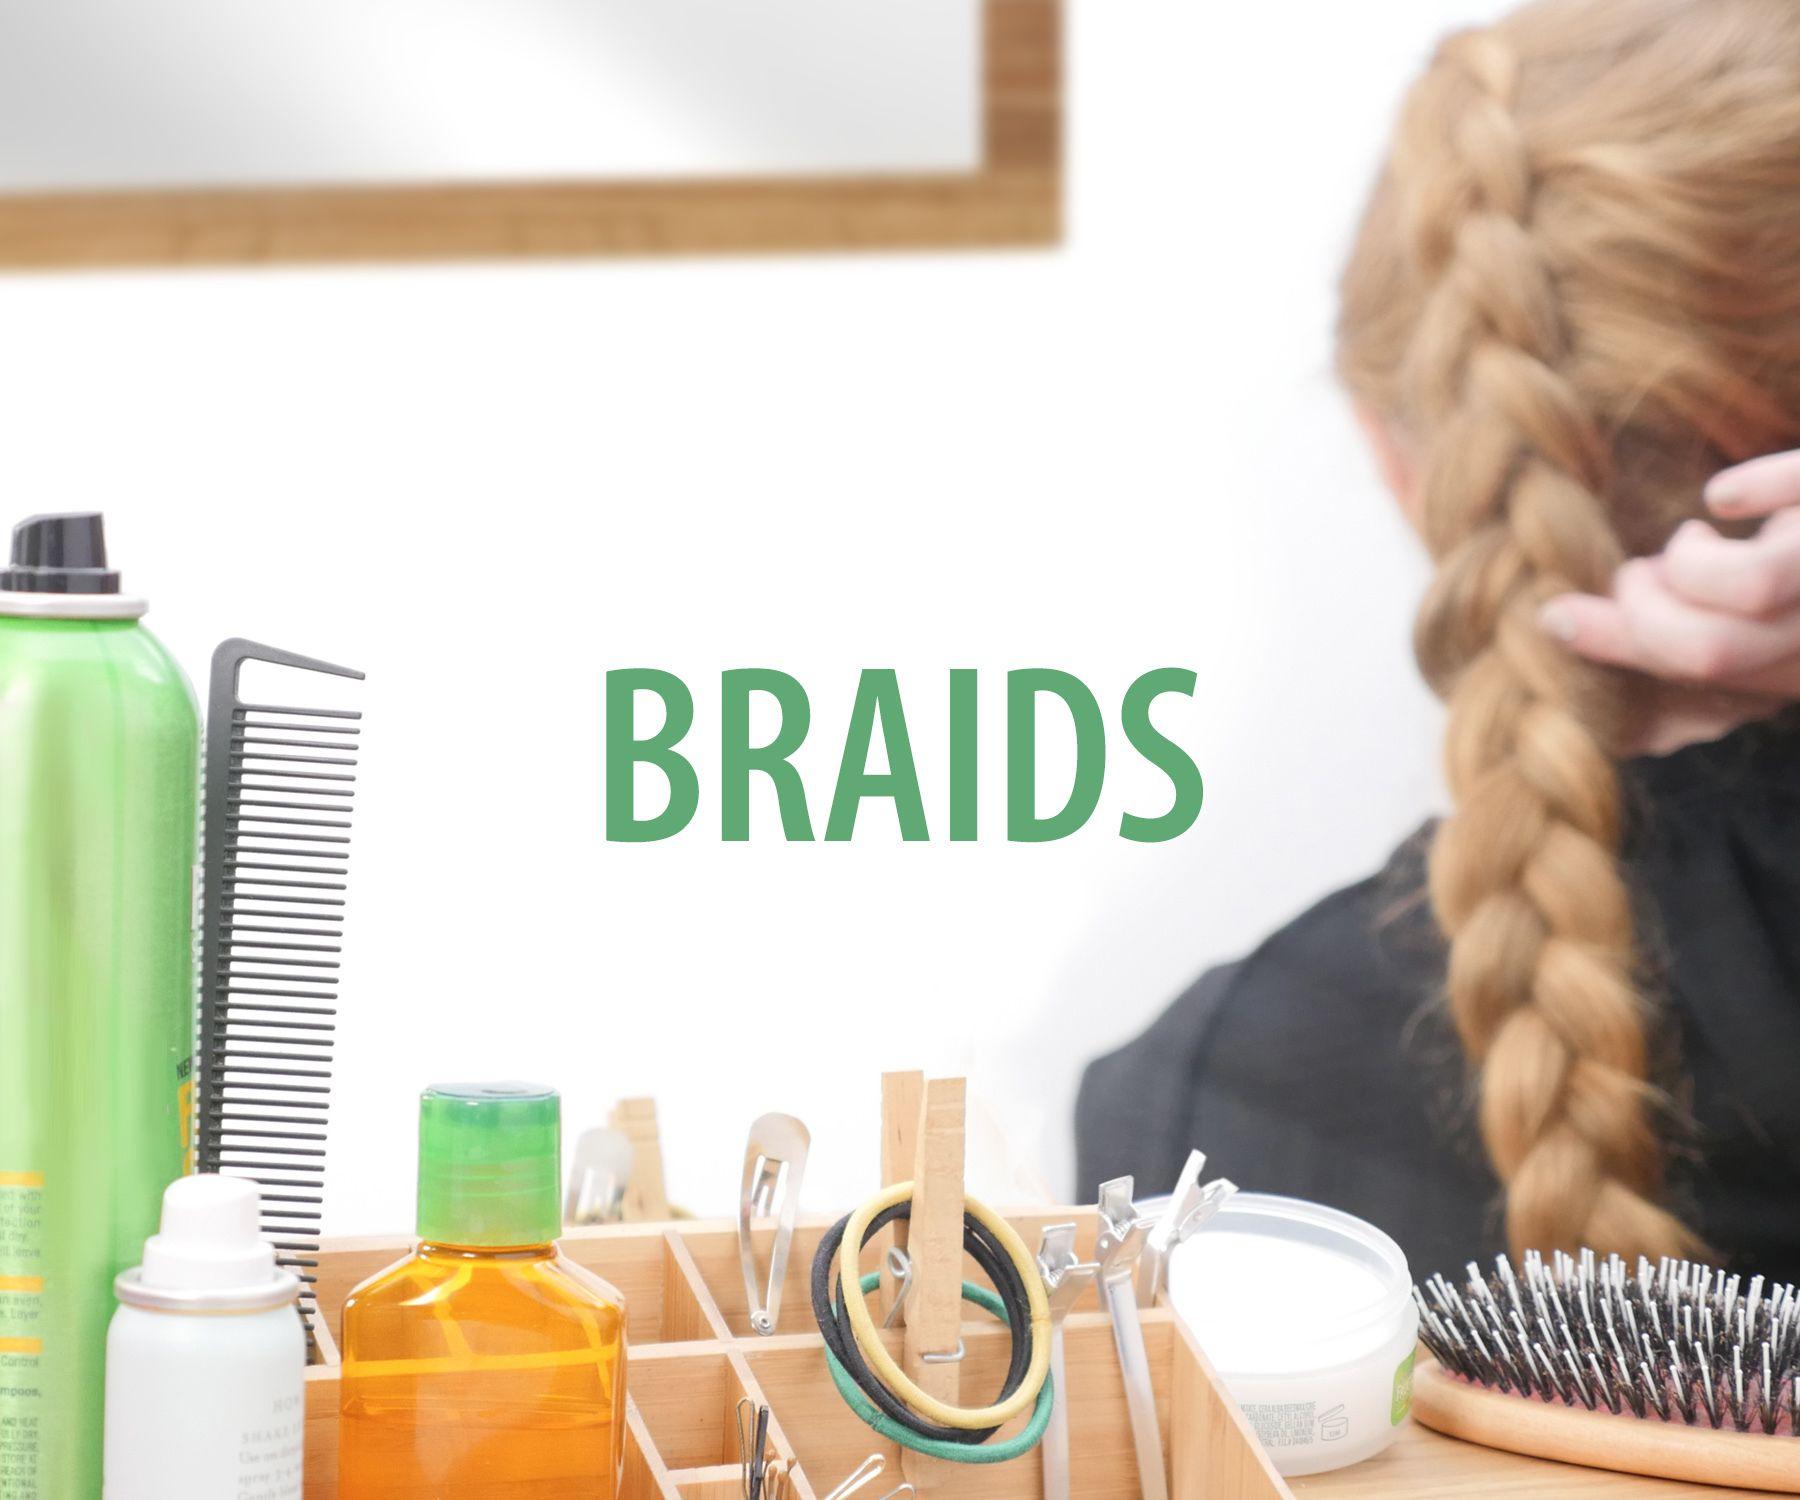 How to braid your hair braiding your own hair braids